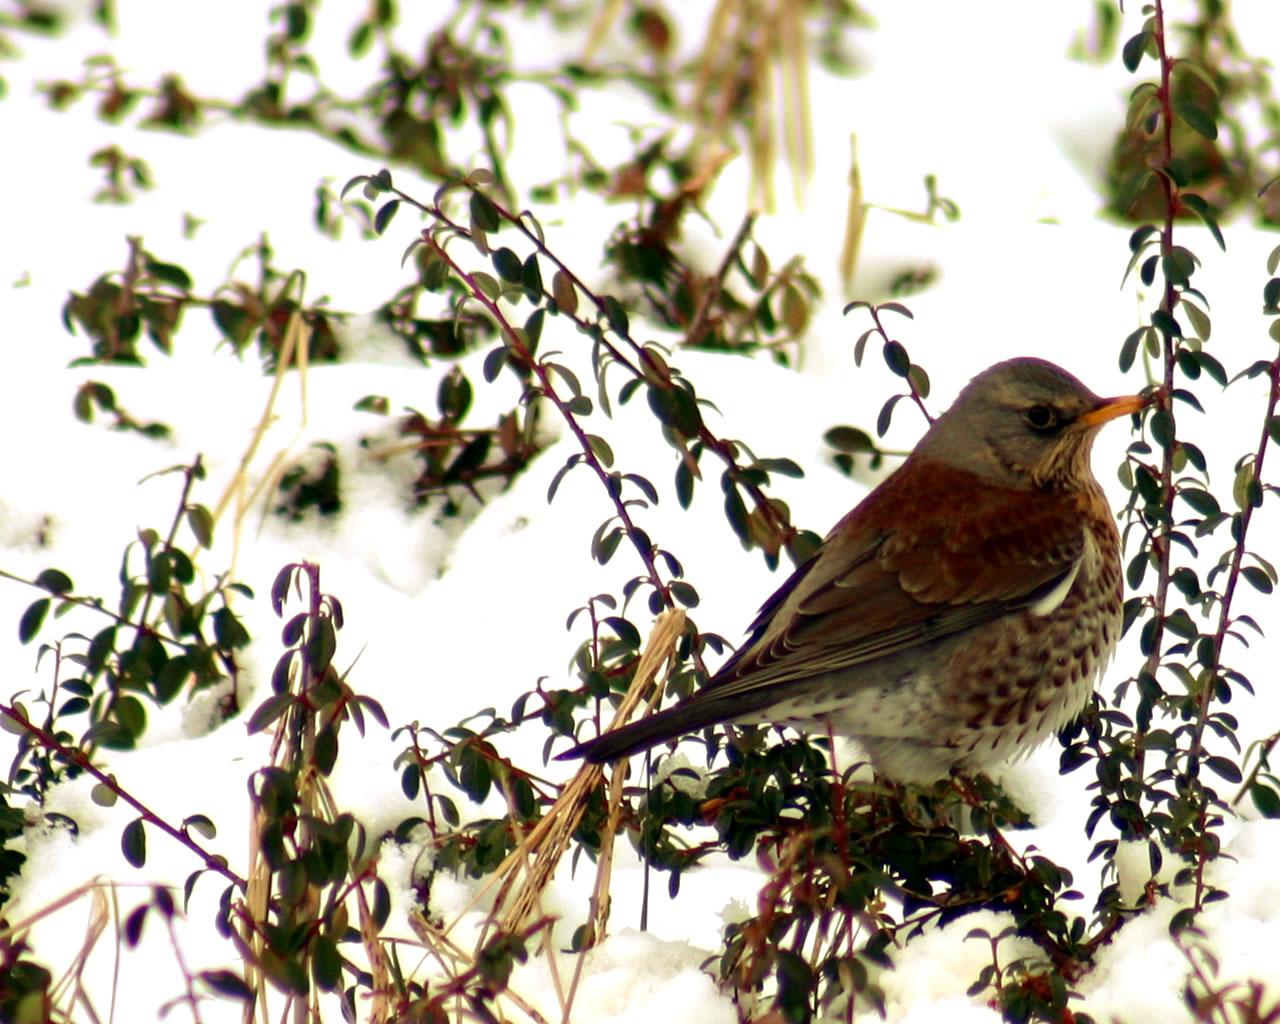 download wallpaper: een kramsvogel in de sneeuw wallpaper